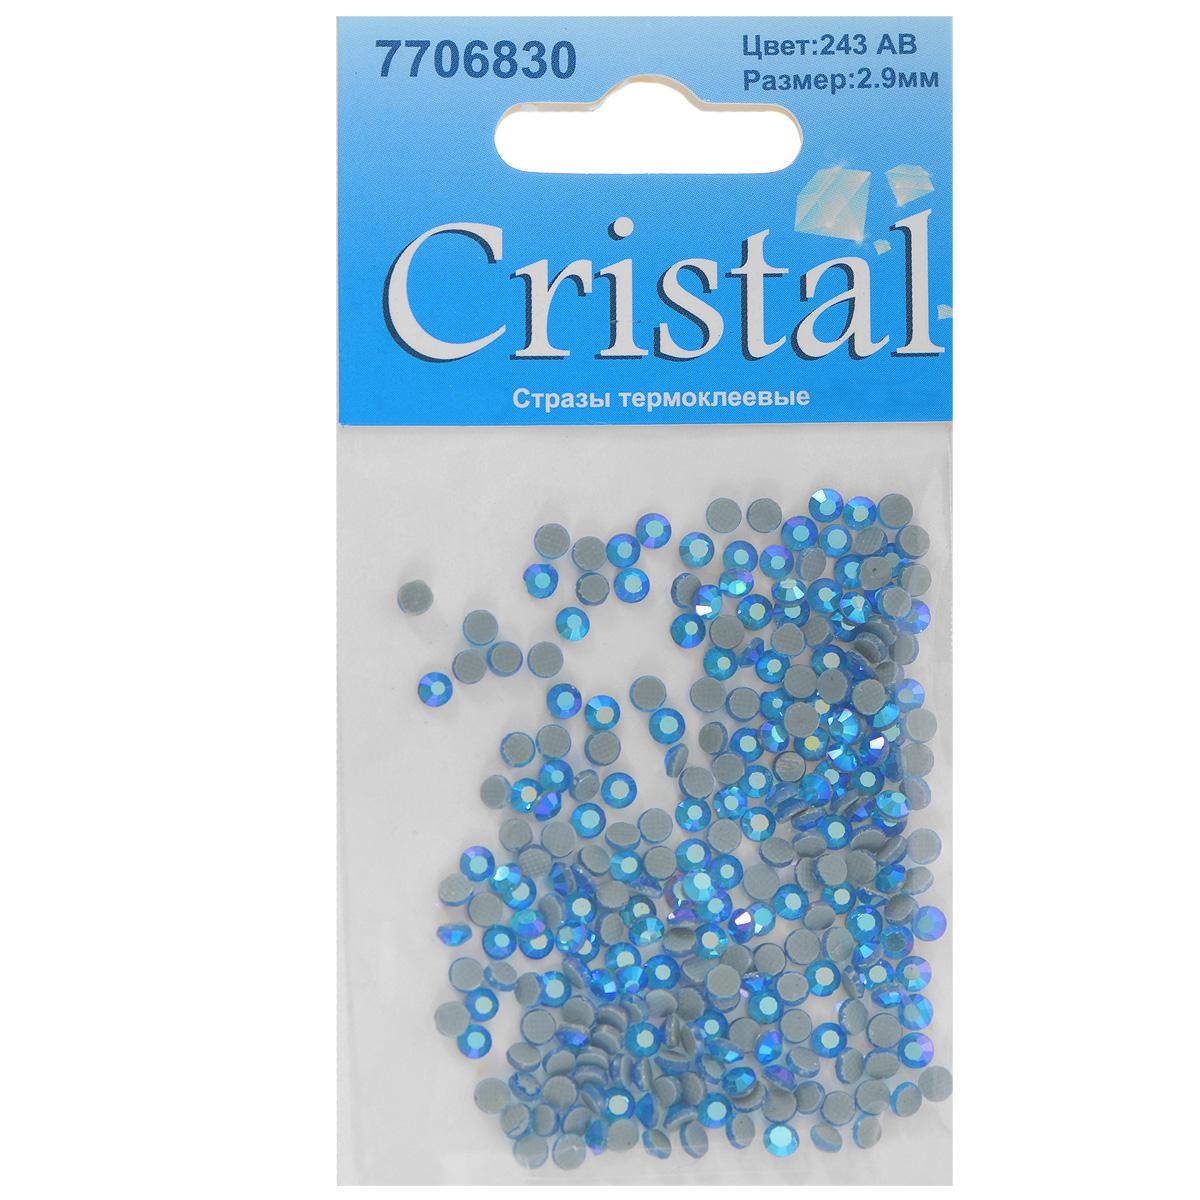 Стразы термоклеевые Cristal, цвет: светло-синий (243АВ), диаметр 2,9 мм, 288 шт55052Набор термоклеевых страз Cristal, изготовленный из высококачественного акрила, позволит вам украсить одежду, аксессуары или текстиль. Яркие стразы имеют плоское дно и круглую поверхность с гранями.Дно термоклеевых страз уже обработано особым клеем, который под воздействием высоких температур начинает плавиться, приклеиваясь, таким образом, к требуемой поверхности. Чаще всего их используют в текстильной промышленности: стразы прикладывают к ткани и проглаживают утюгом с обратной стороны. Также можно использовать специальный паяльник. Украшение стразами поможет сделать любую вещь оригинальной и неповторимой. Диаметр страз: 2,9 мм.